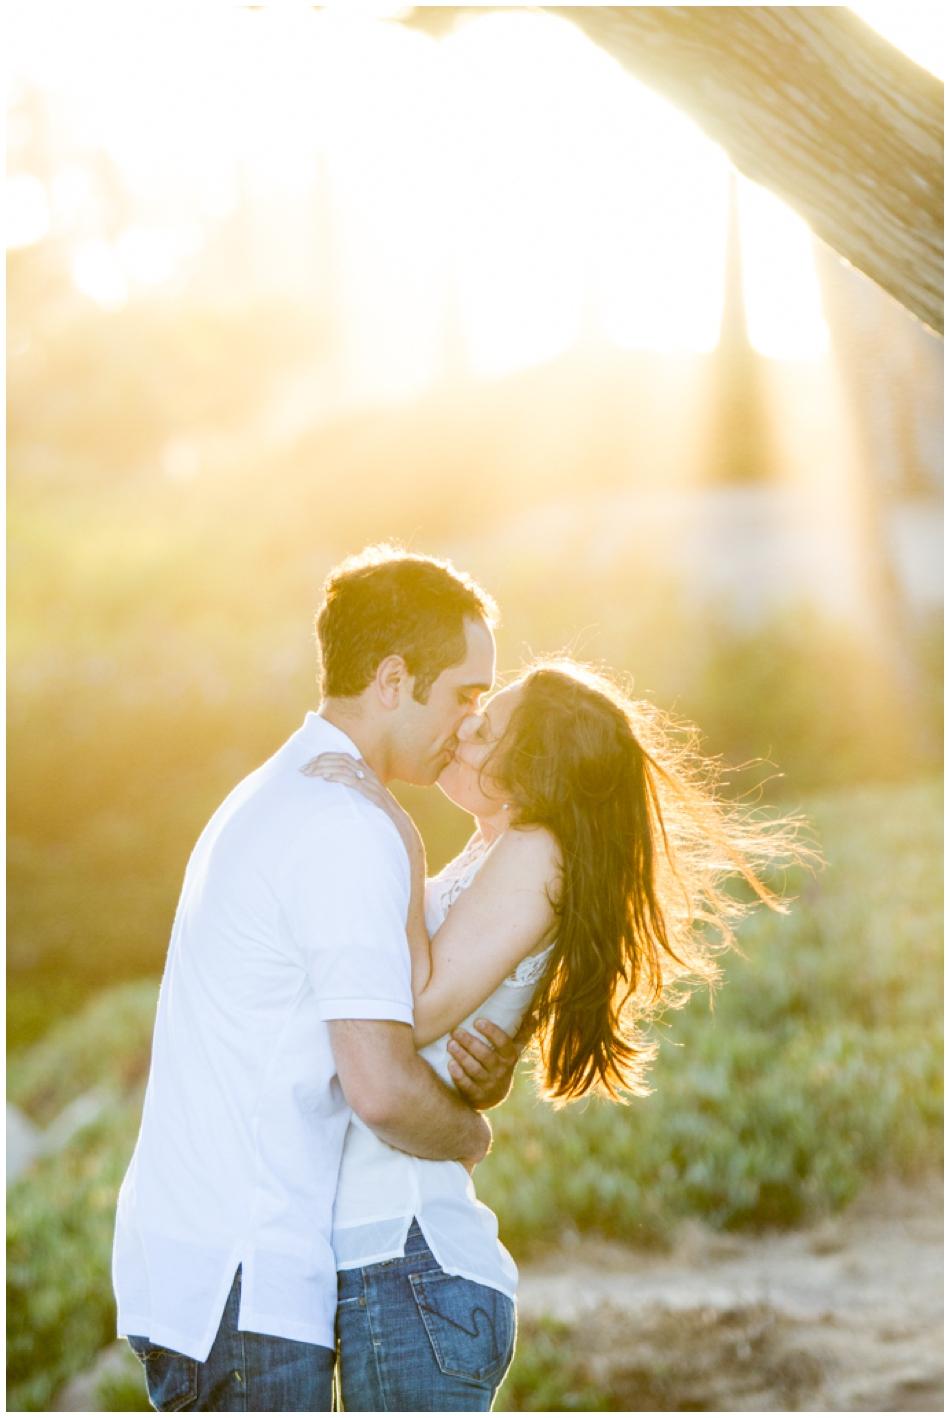 Sara and David Santa Barbara engagement session ©Shaun and Skyla Walton_0018